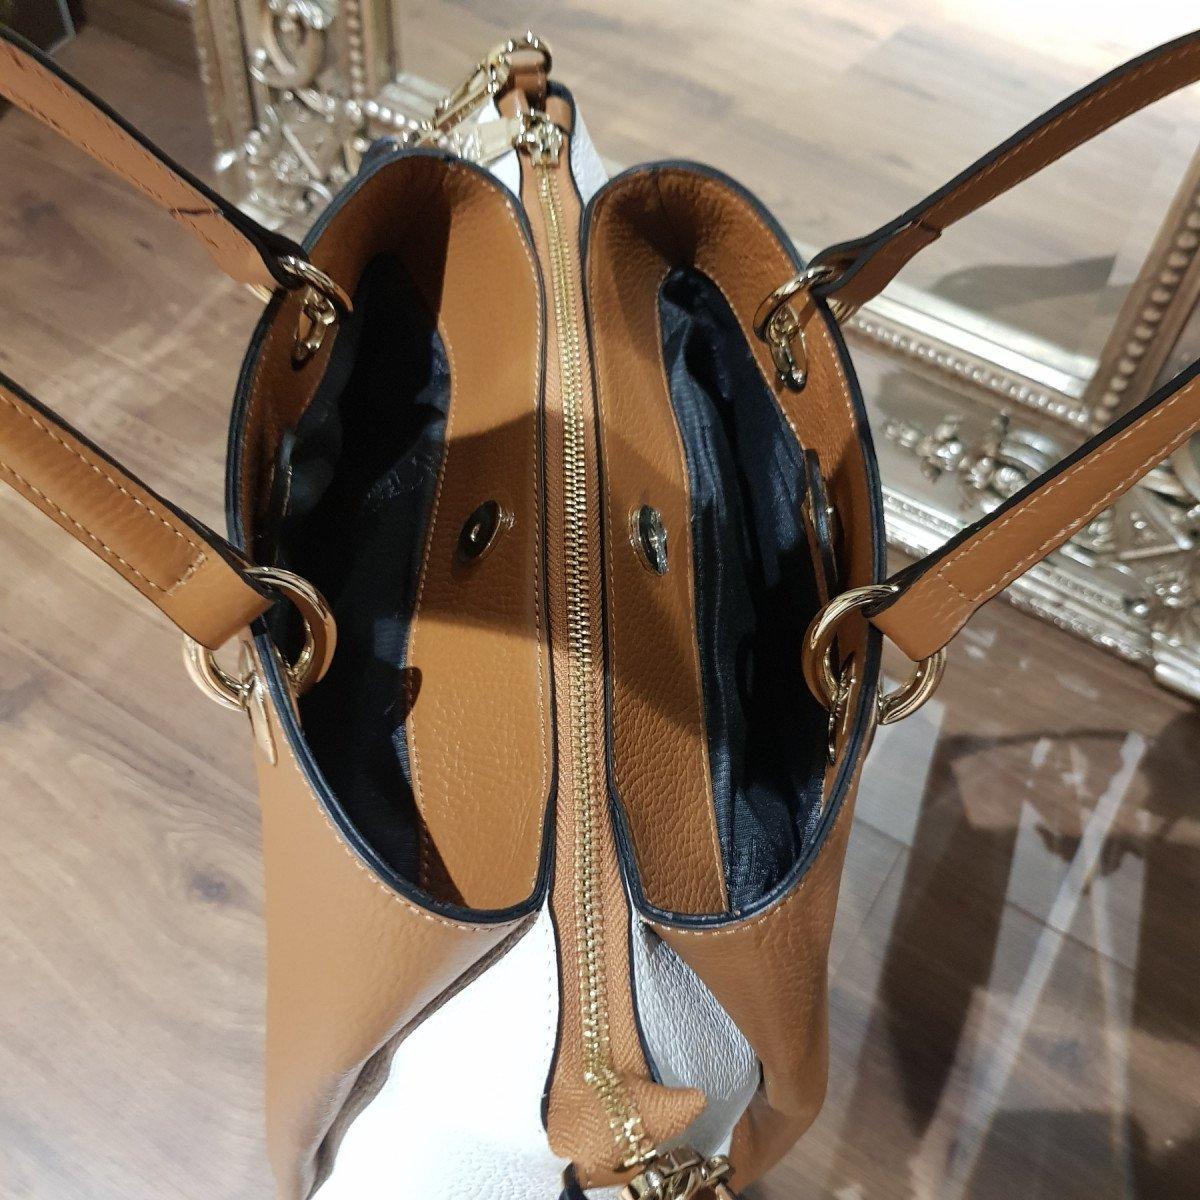 Женская кожаная сумка Ripani 3333OO Biscotto/Bianco из натуральной кожи